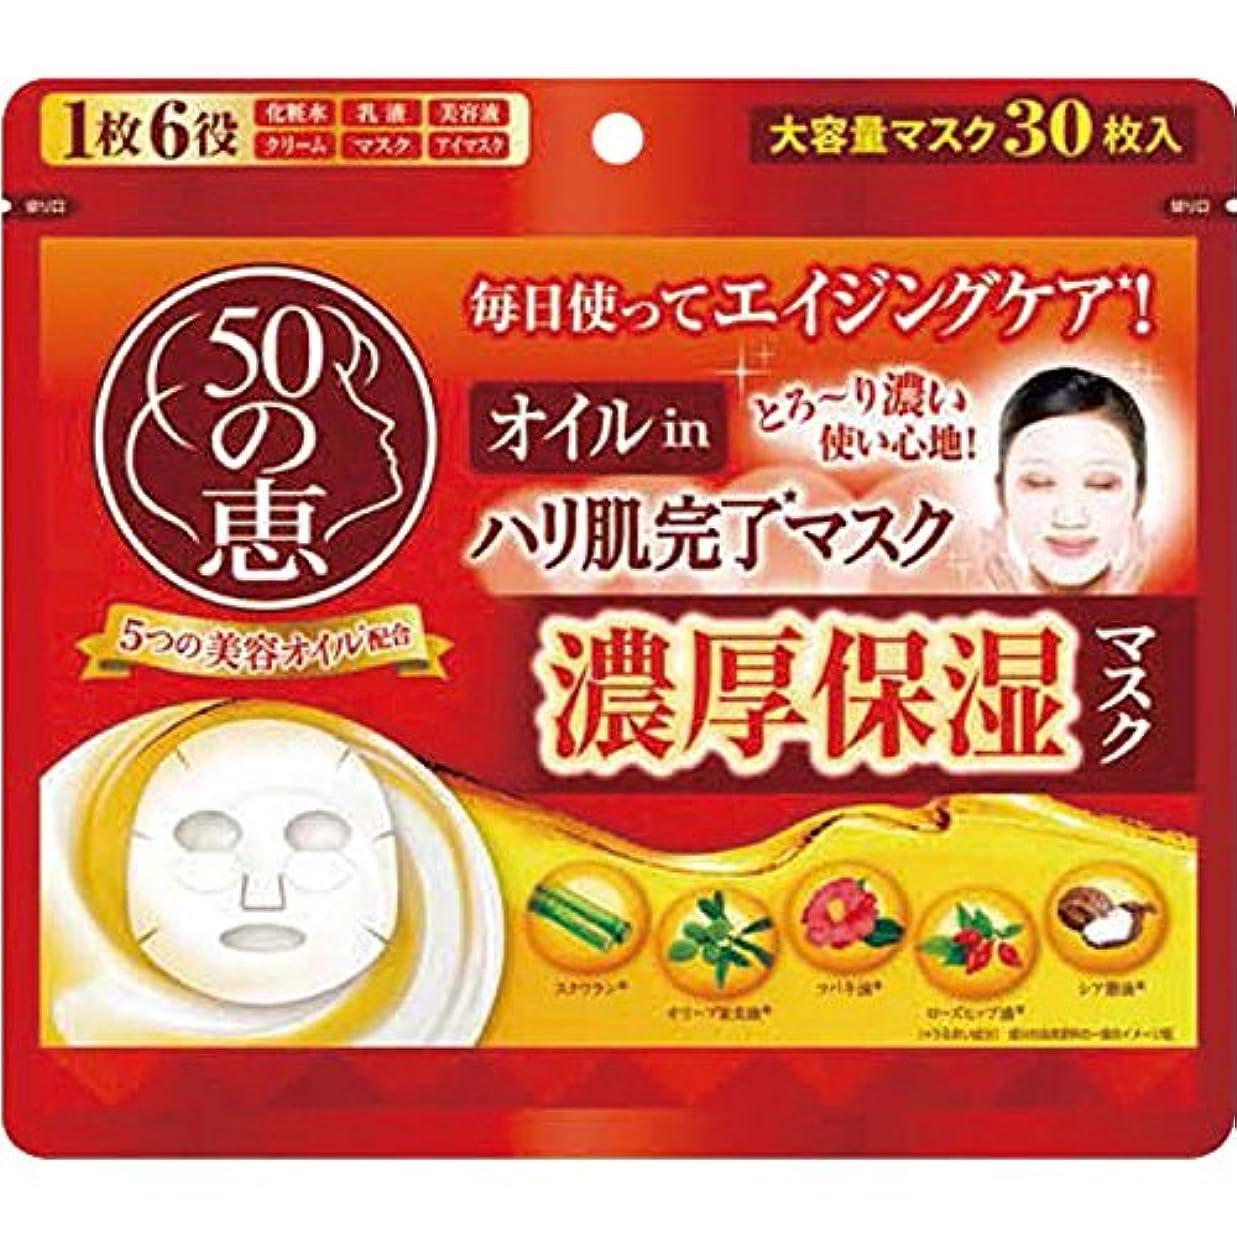 ロート製薬 50の恵エイジングケア 養潤成分50種類×5つの美容オイル配合 オイルinハリ肌完了 エイジングケアマスク 30枚